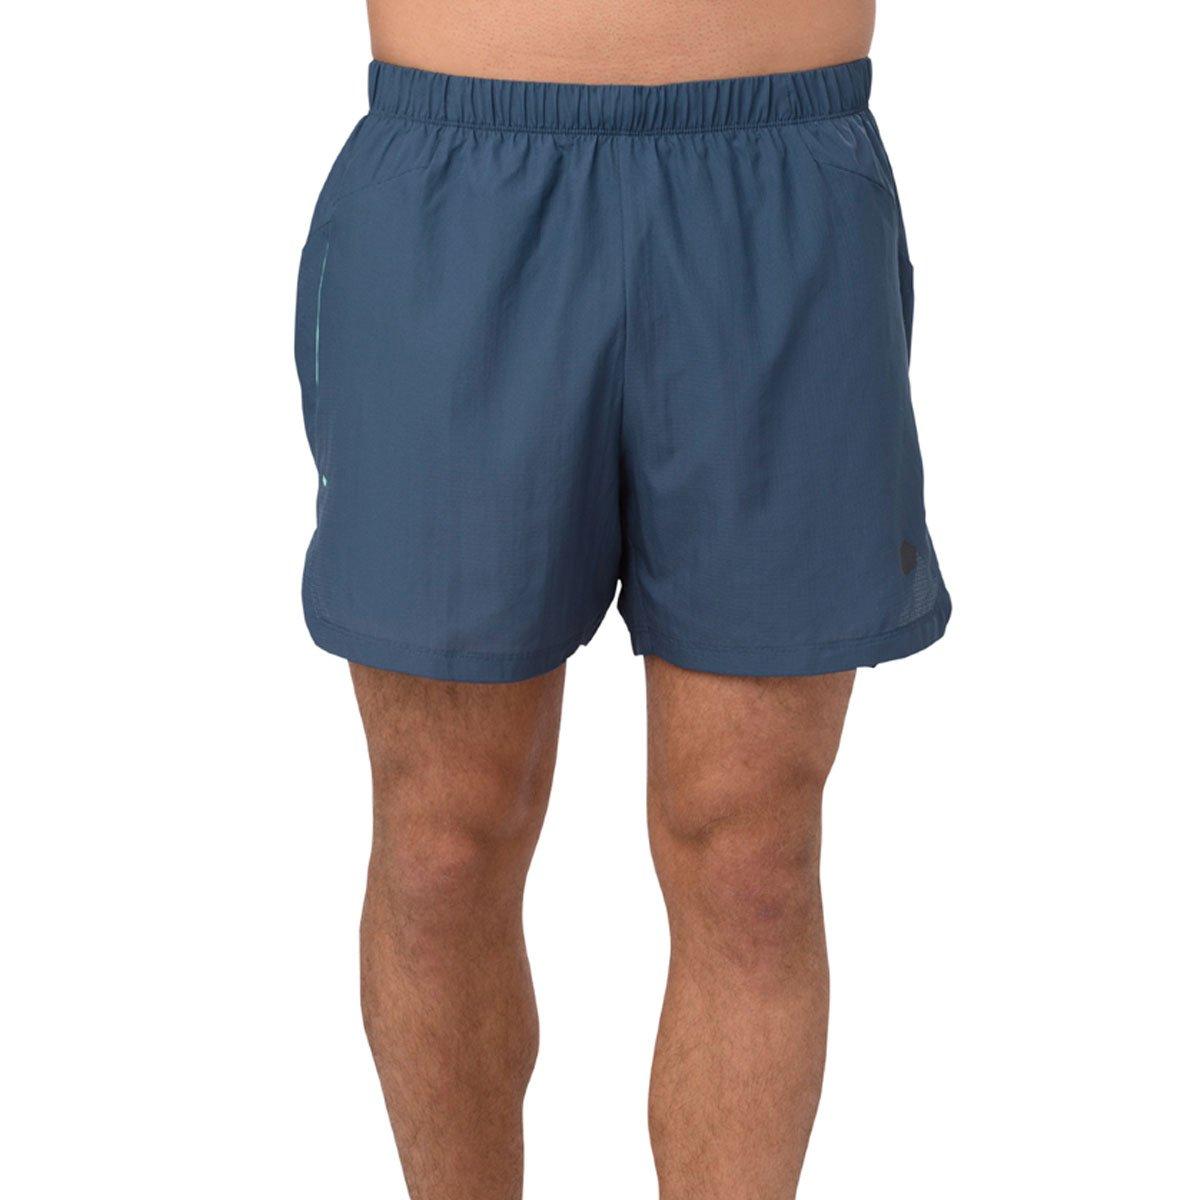 ASICS Herren Cool 2-In-1 5In Laufbekleidung Shorts Dunkelblau - Grau XXL